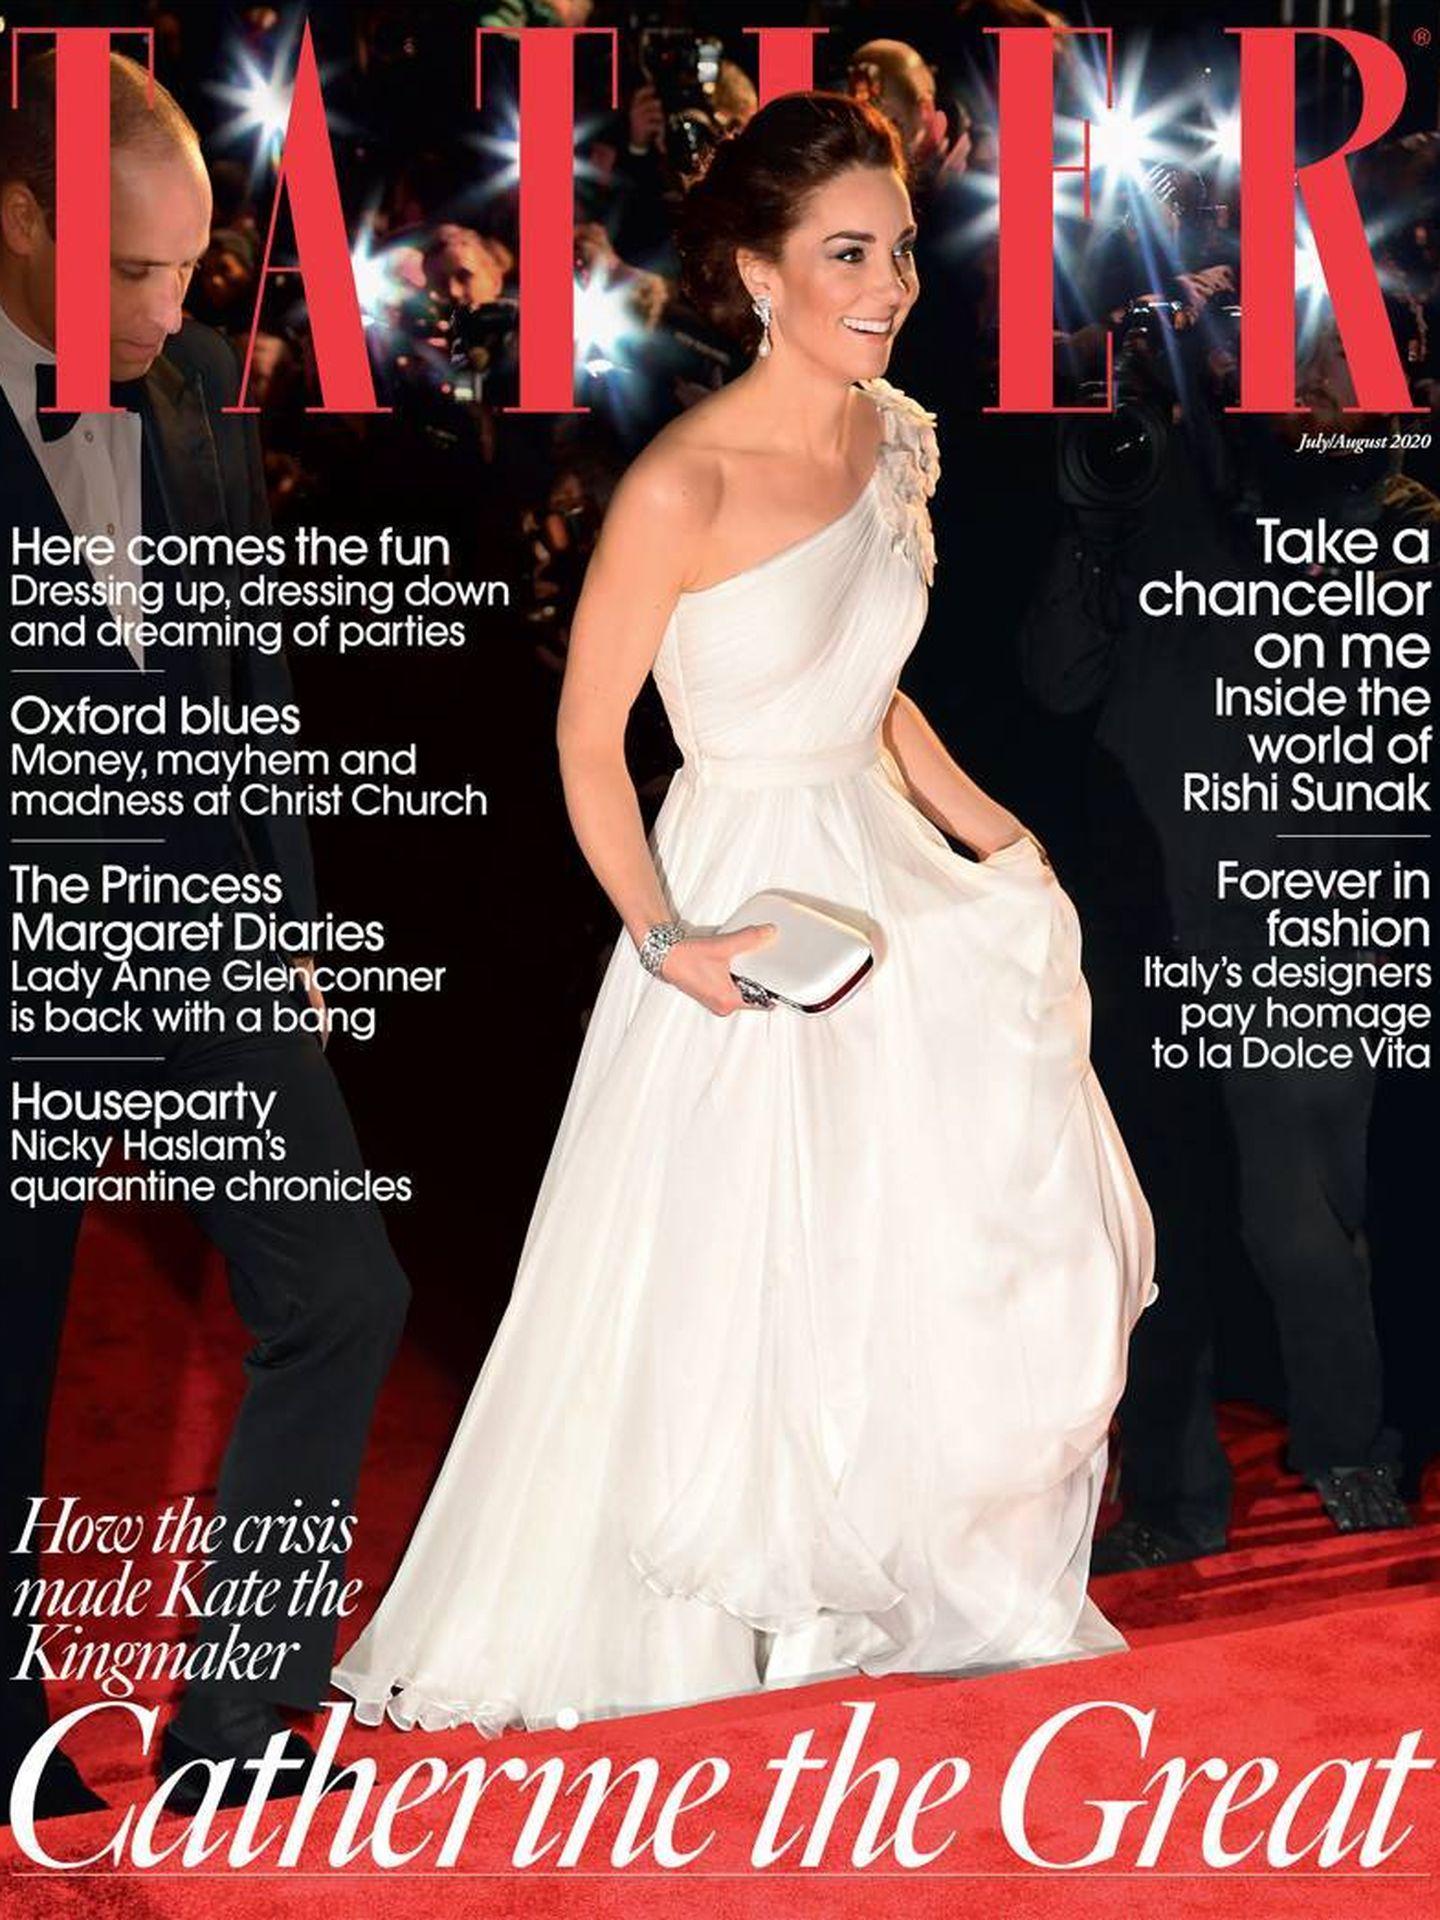 Portada de la edición de 'Tatler', con Kate Middleton como protagonista.